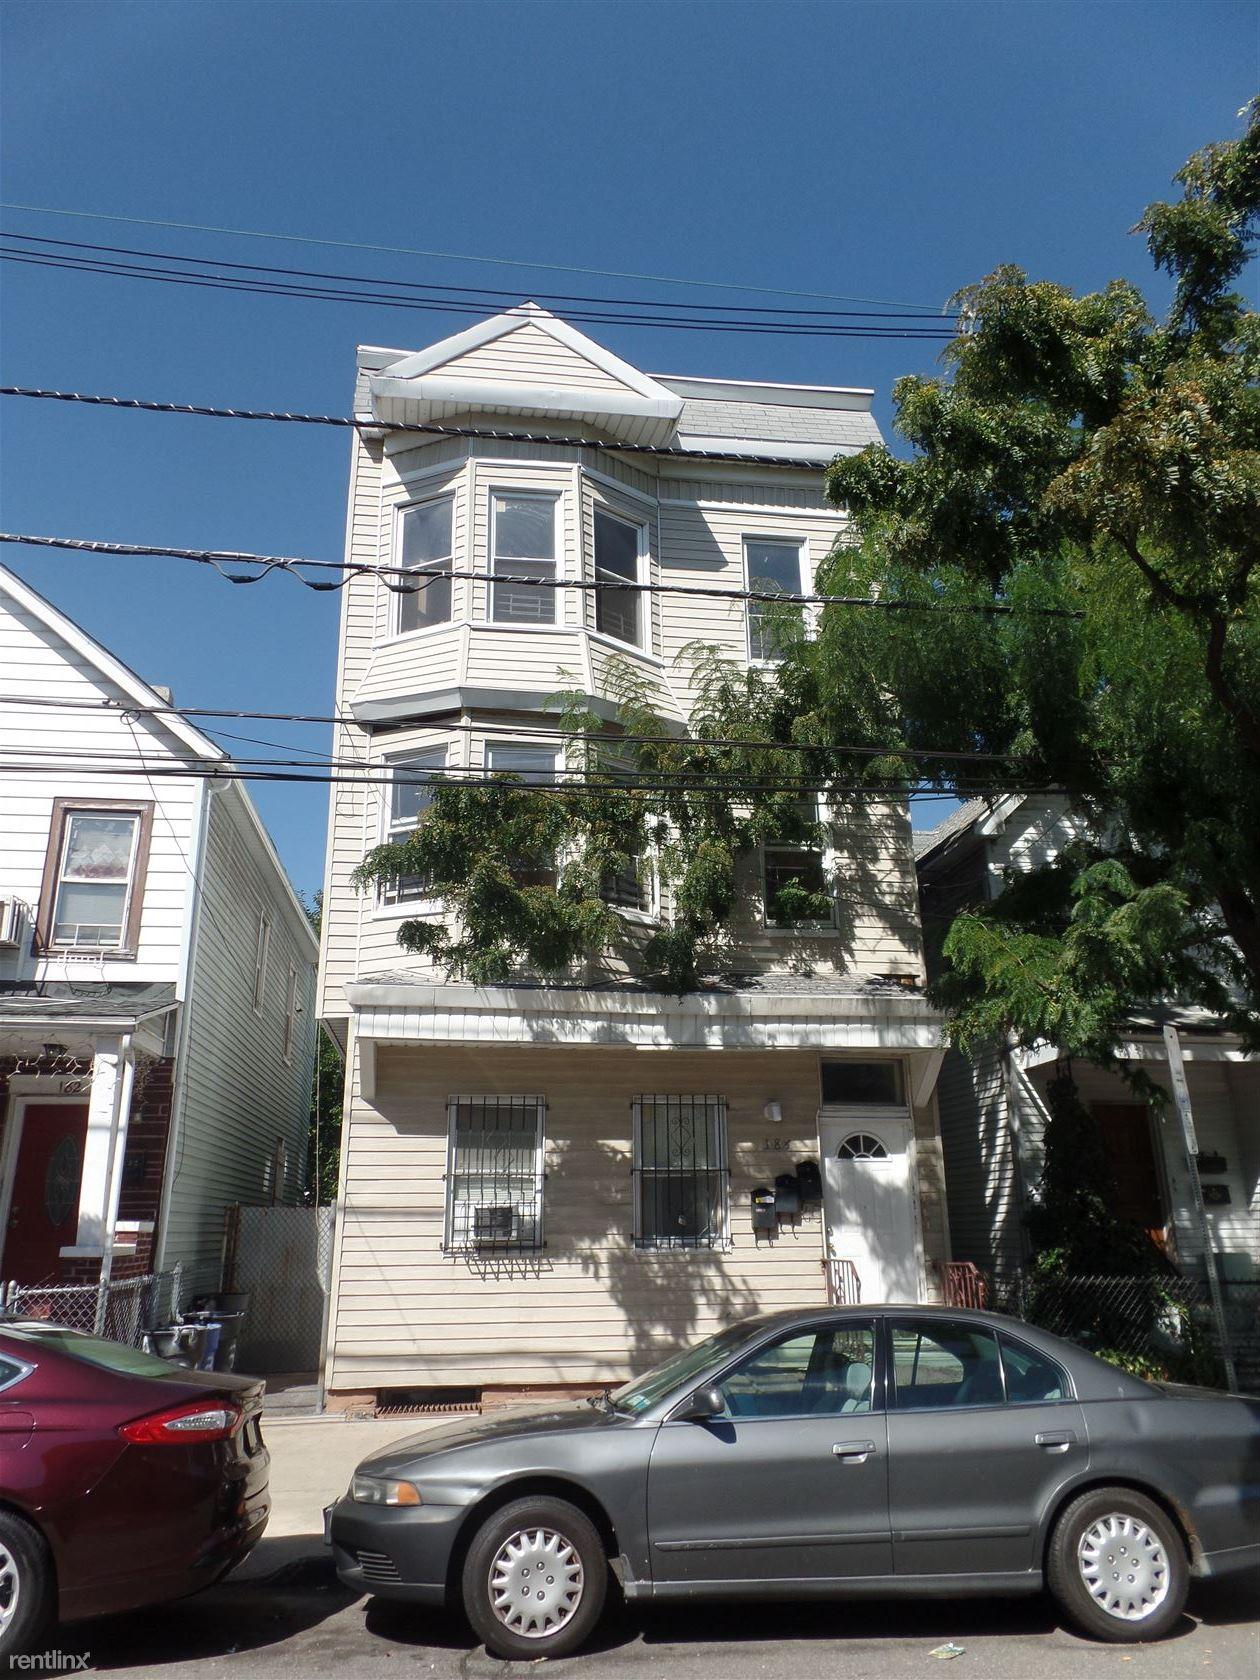 Newark NJ Condos for Rent Apartment Rentals Condo™